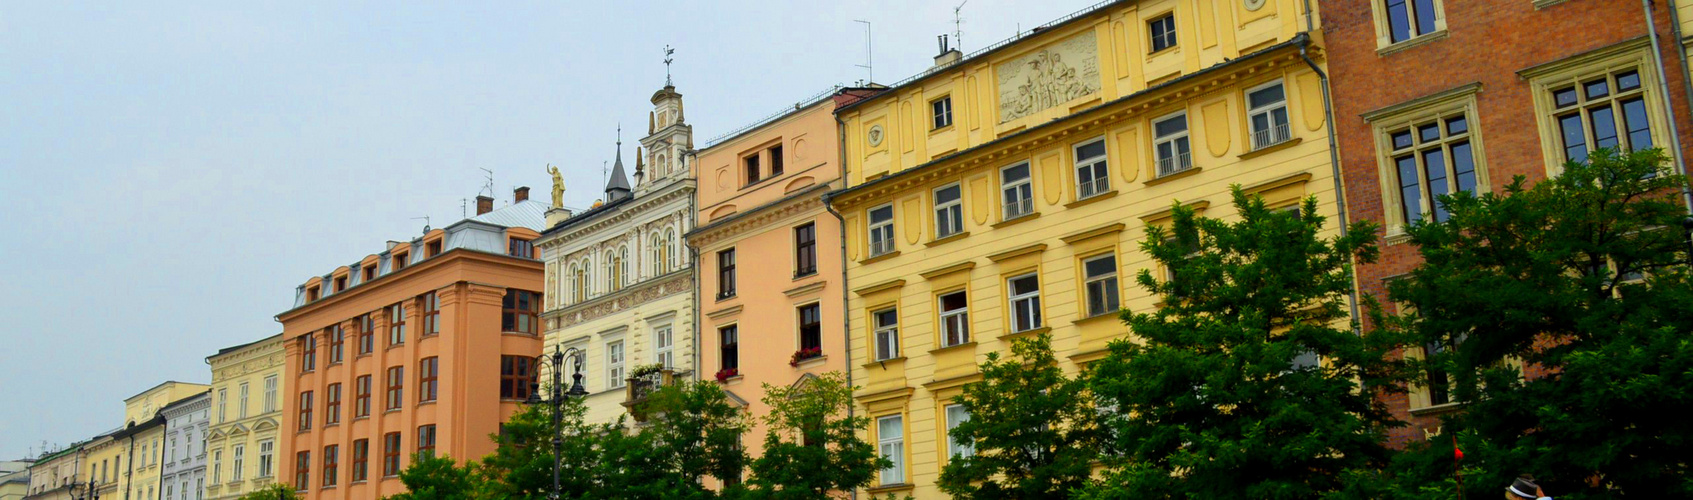 Eine wundervolle Stadt mit vielen Farben durchzogen...